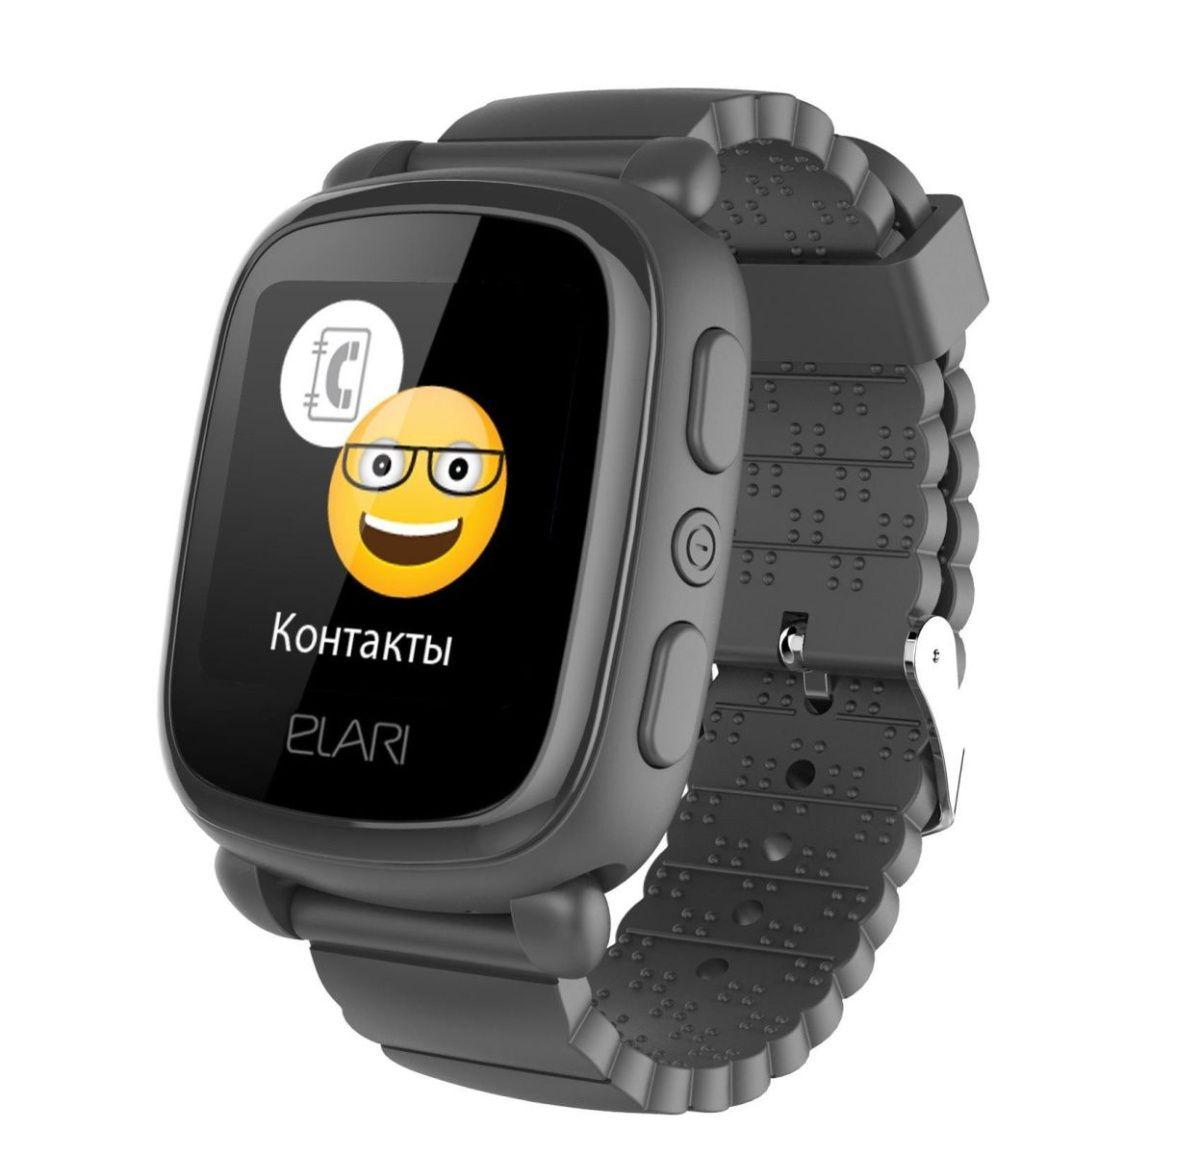 Купить Смарт-часы и фитнес-браслеты, Детские умные часы ELARI KidPhone 2 Black GPS (KP-2B) UA